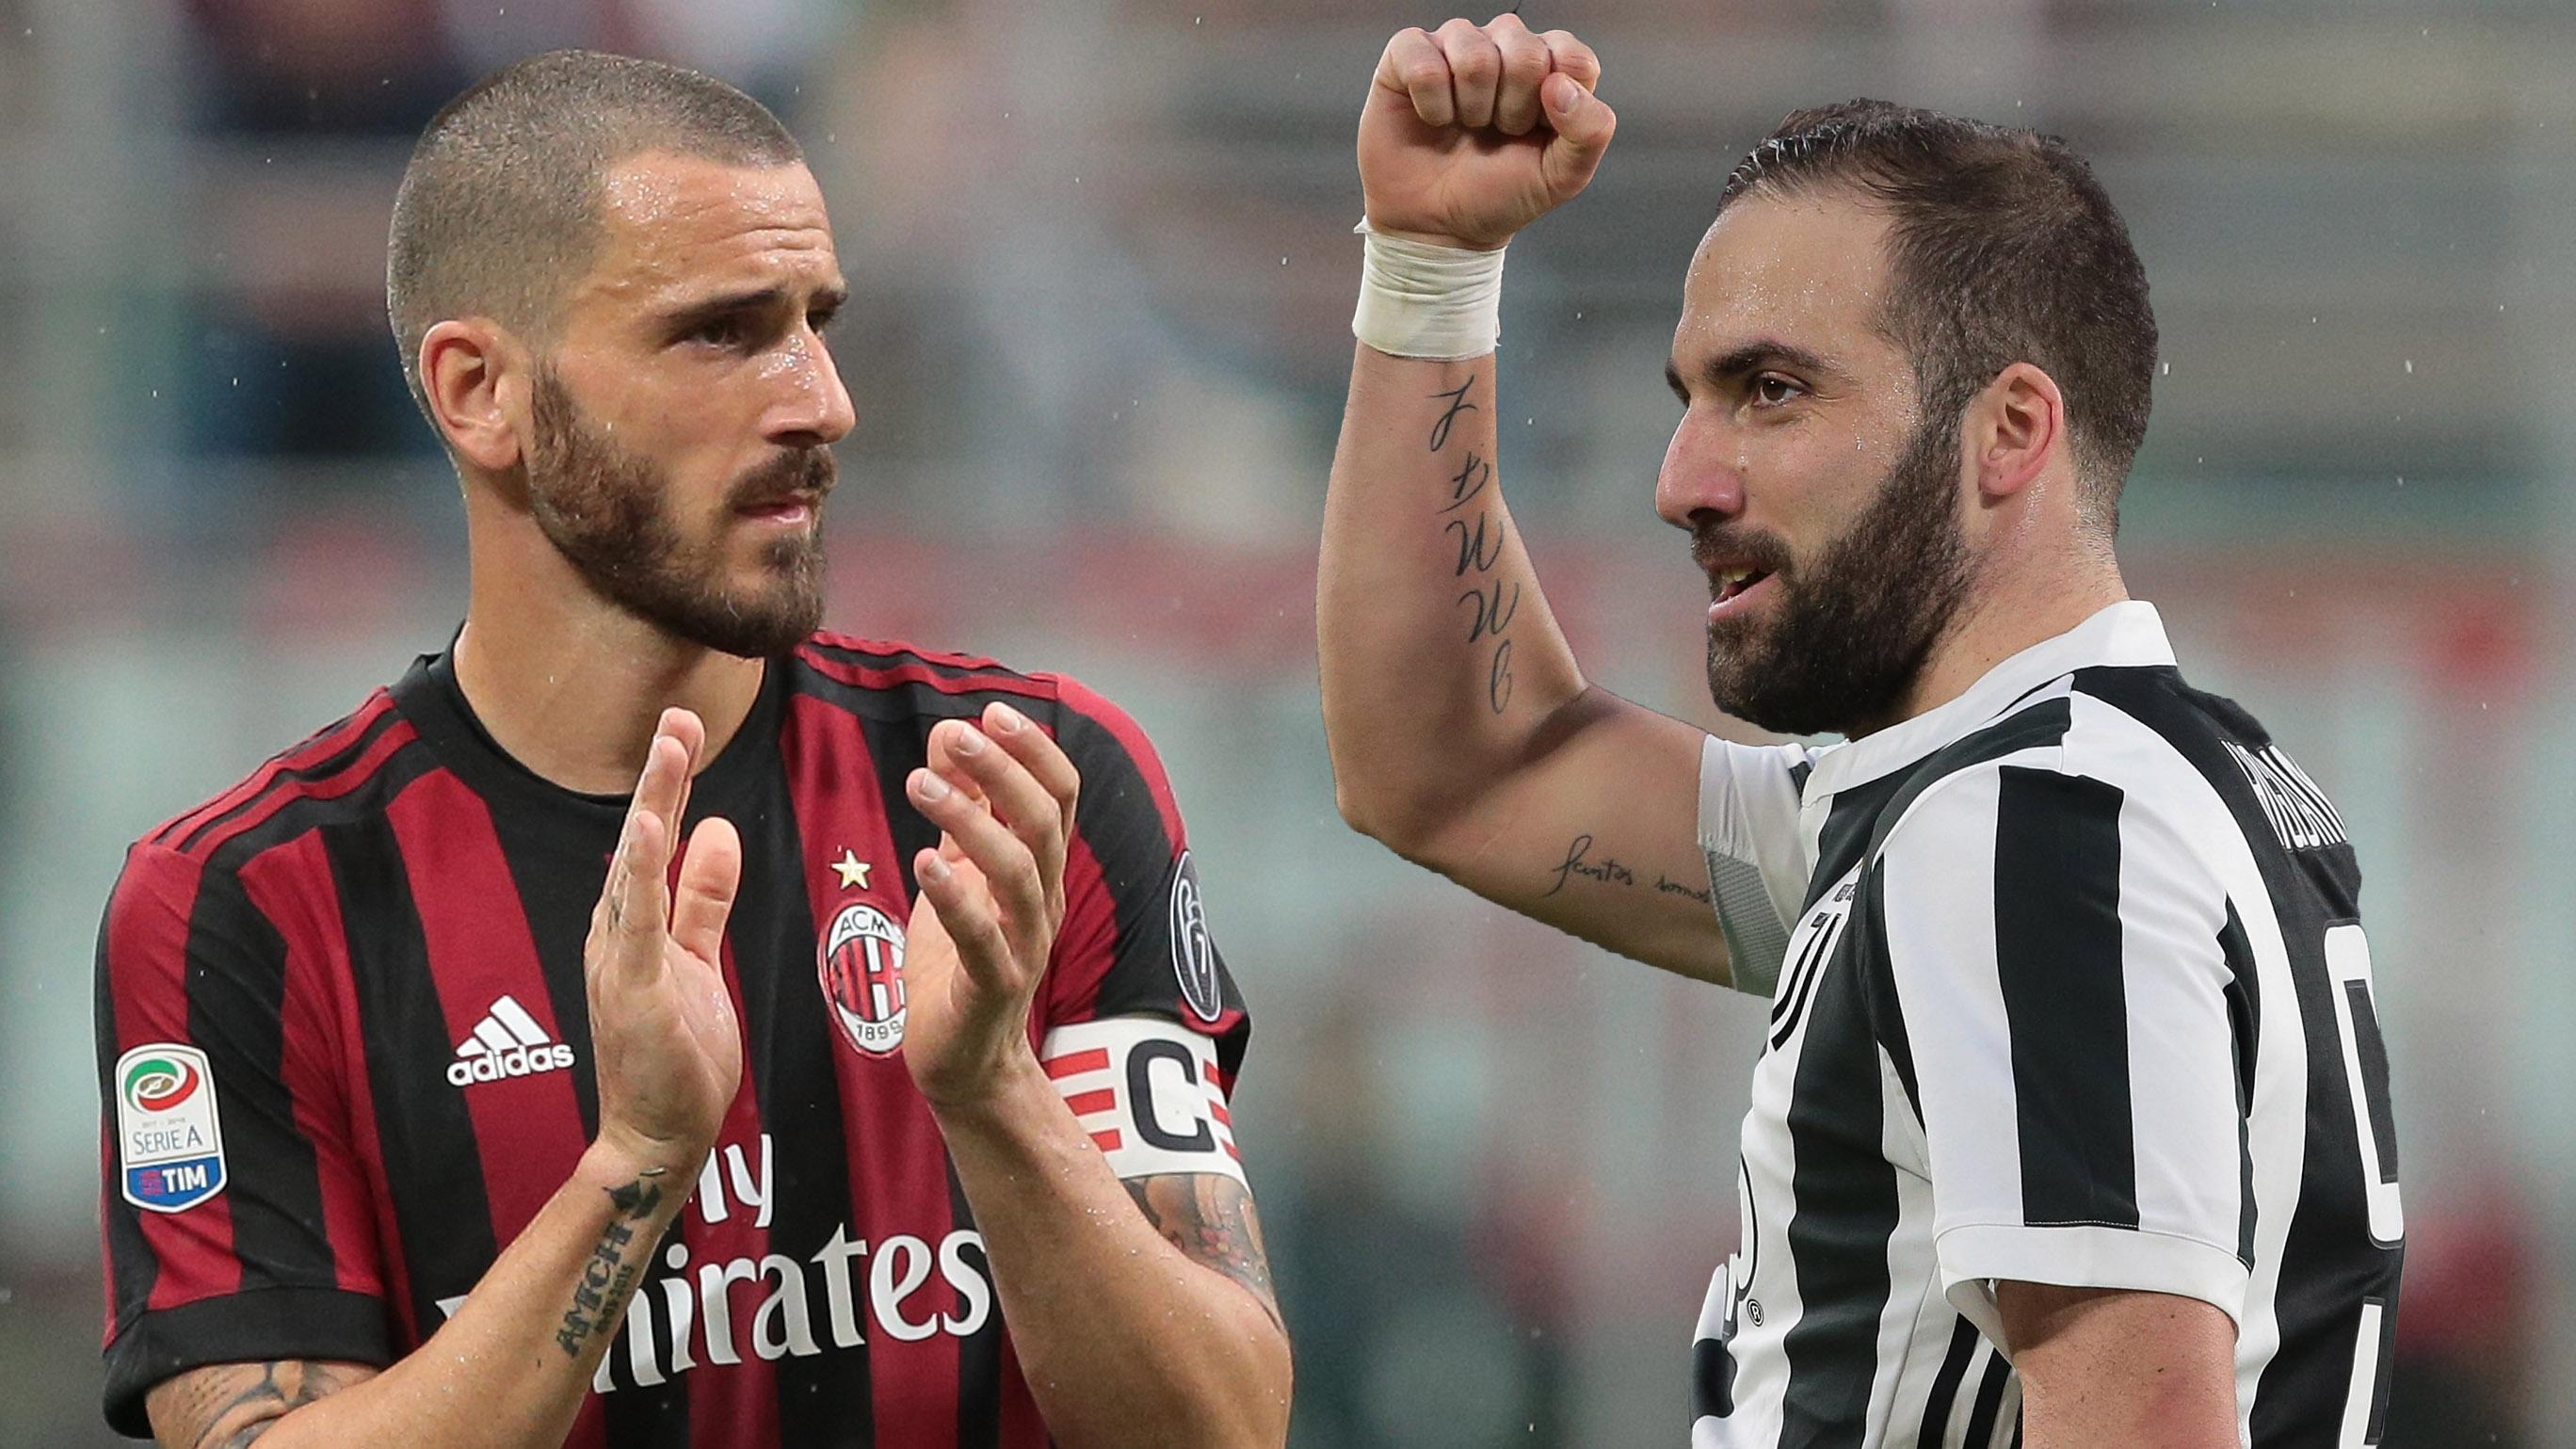 Juventus ile Milan arasında inanılmaz transfer anlaşması! 5 oyuncu takım değiştiriyor...